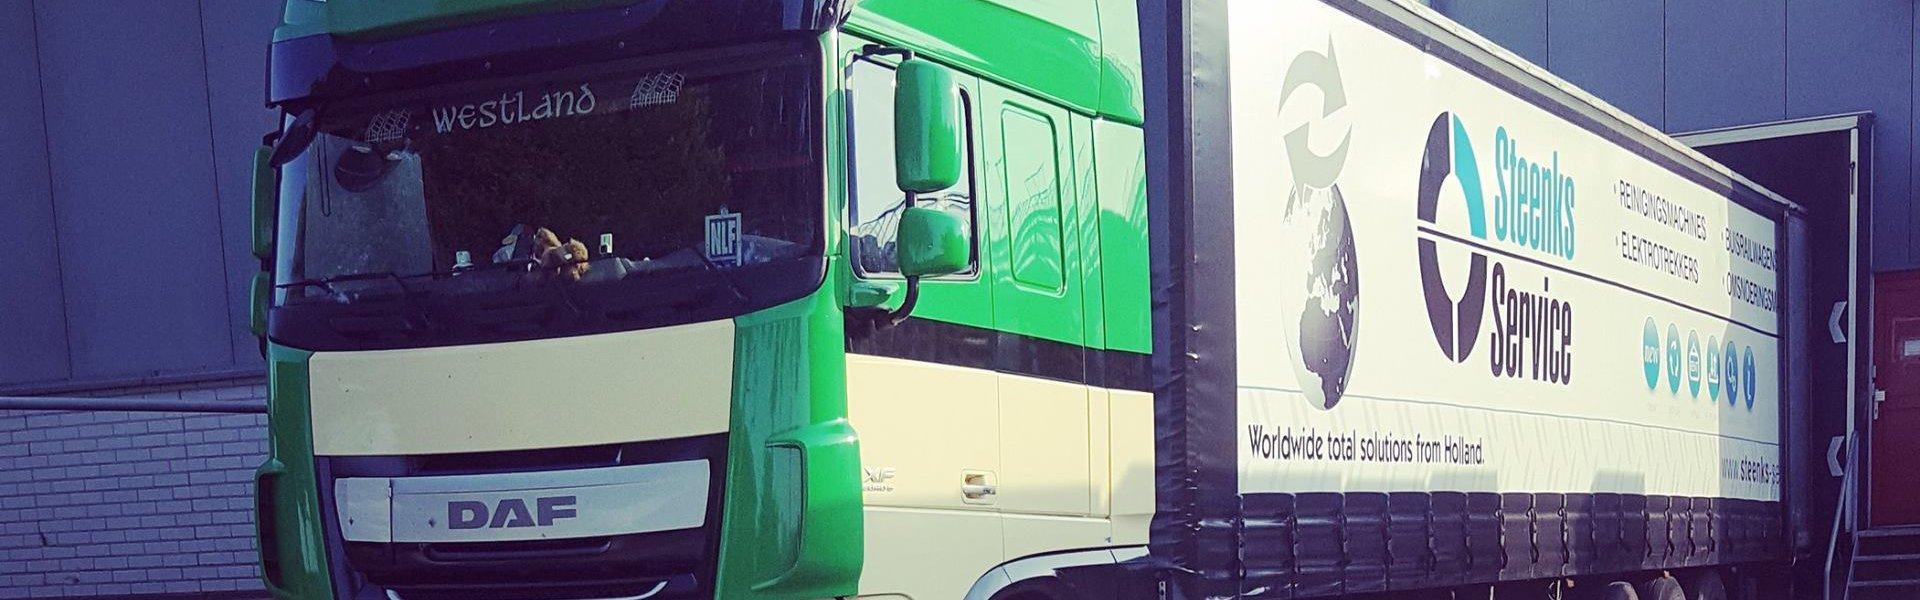 empas spuitwagen voor ontsmetten van vrachtwagens